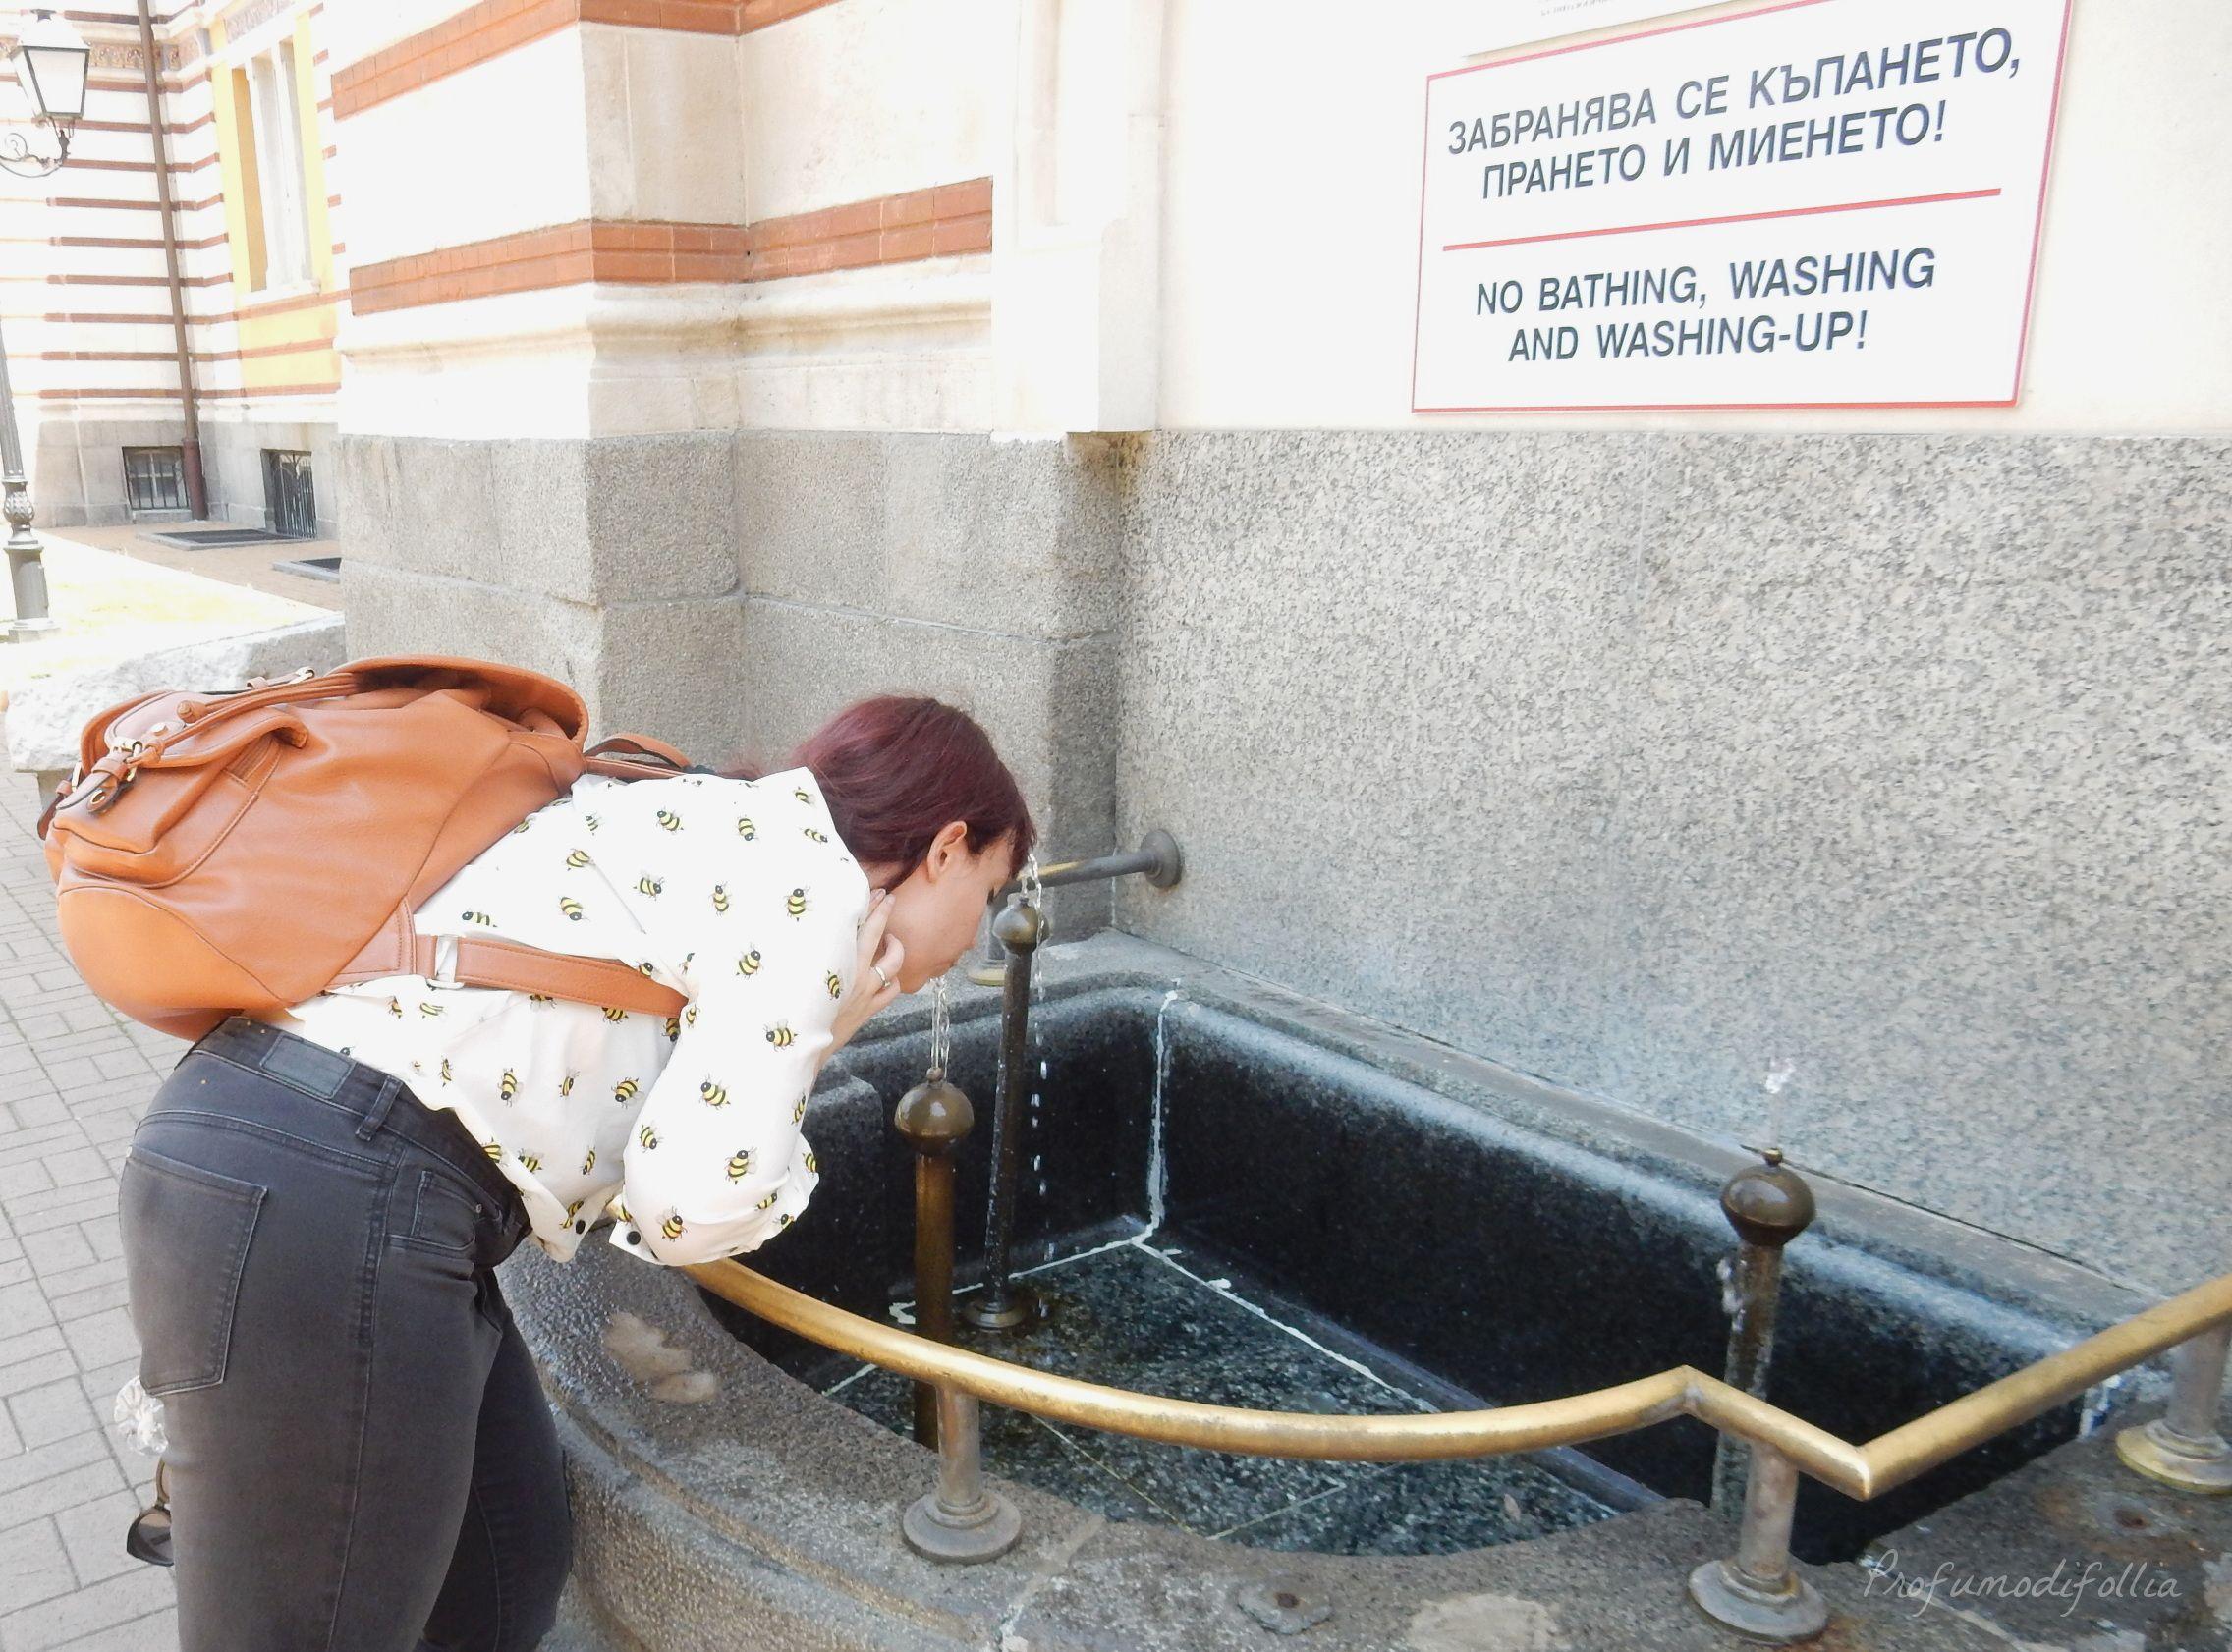 Bagni Termali Sofia : Le mie ore a sofia sirene moschee e graffiti profumo di